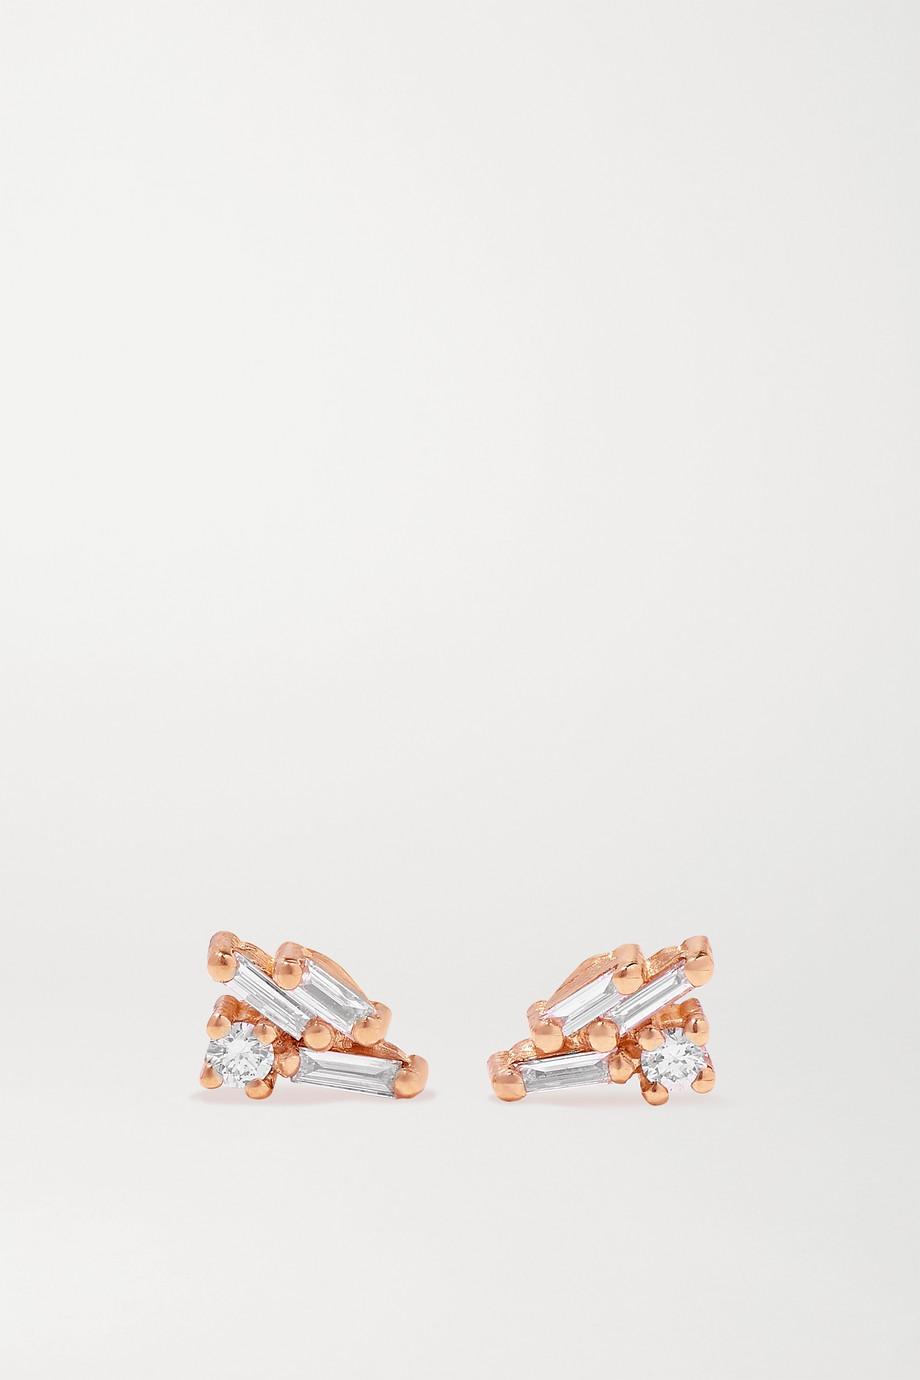 Suzanne Kalan 18K 玫瑰金钻石耳钉